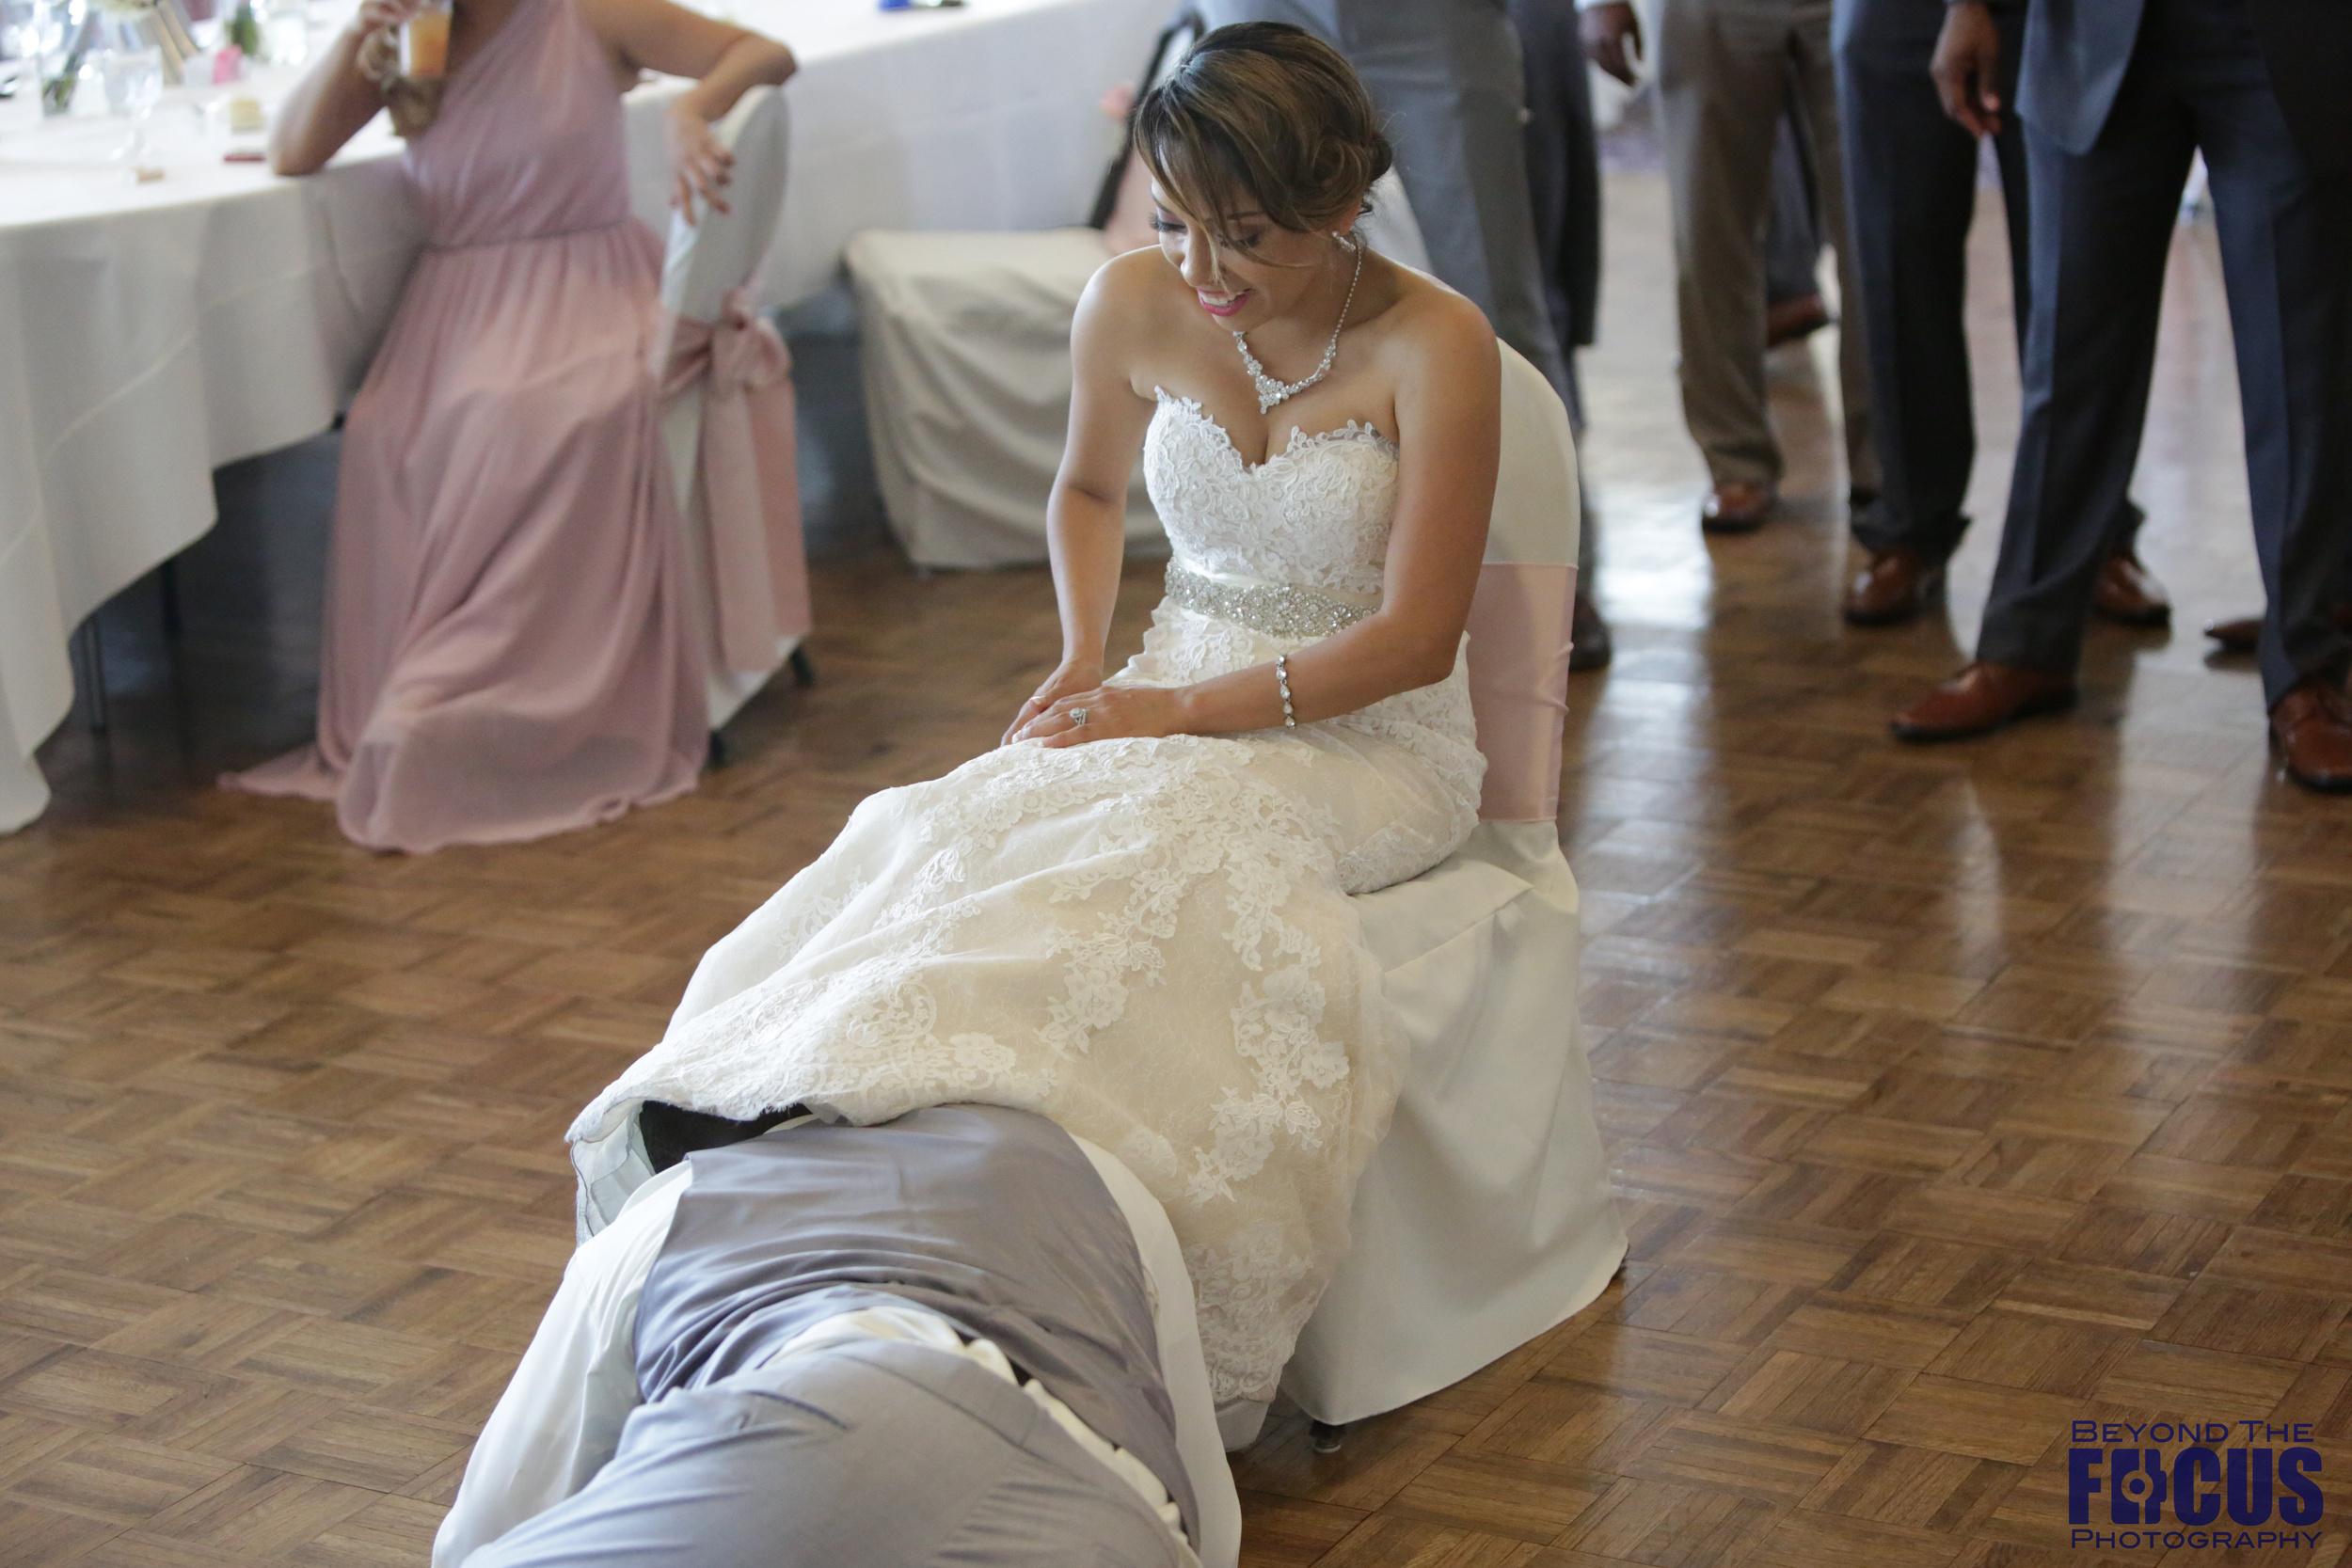 Palmer Wedding - Reception 222.jpg